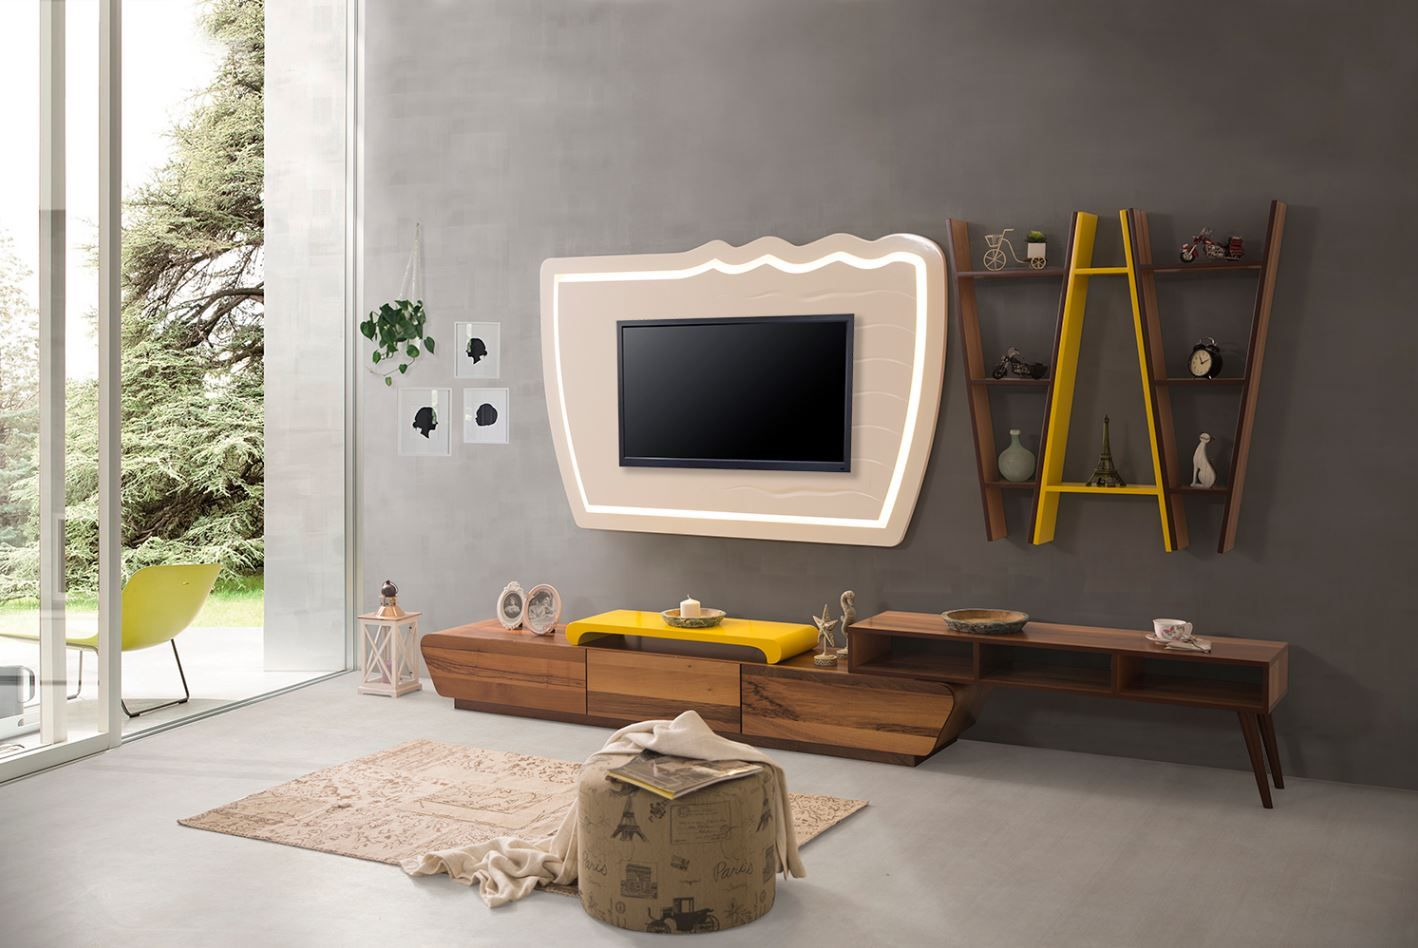 Modern yeni tv unite modelleri 7 - Farkli Tarz Arayanlara 2017 Tv Uniteleri Tvsromemodern